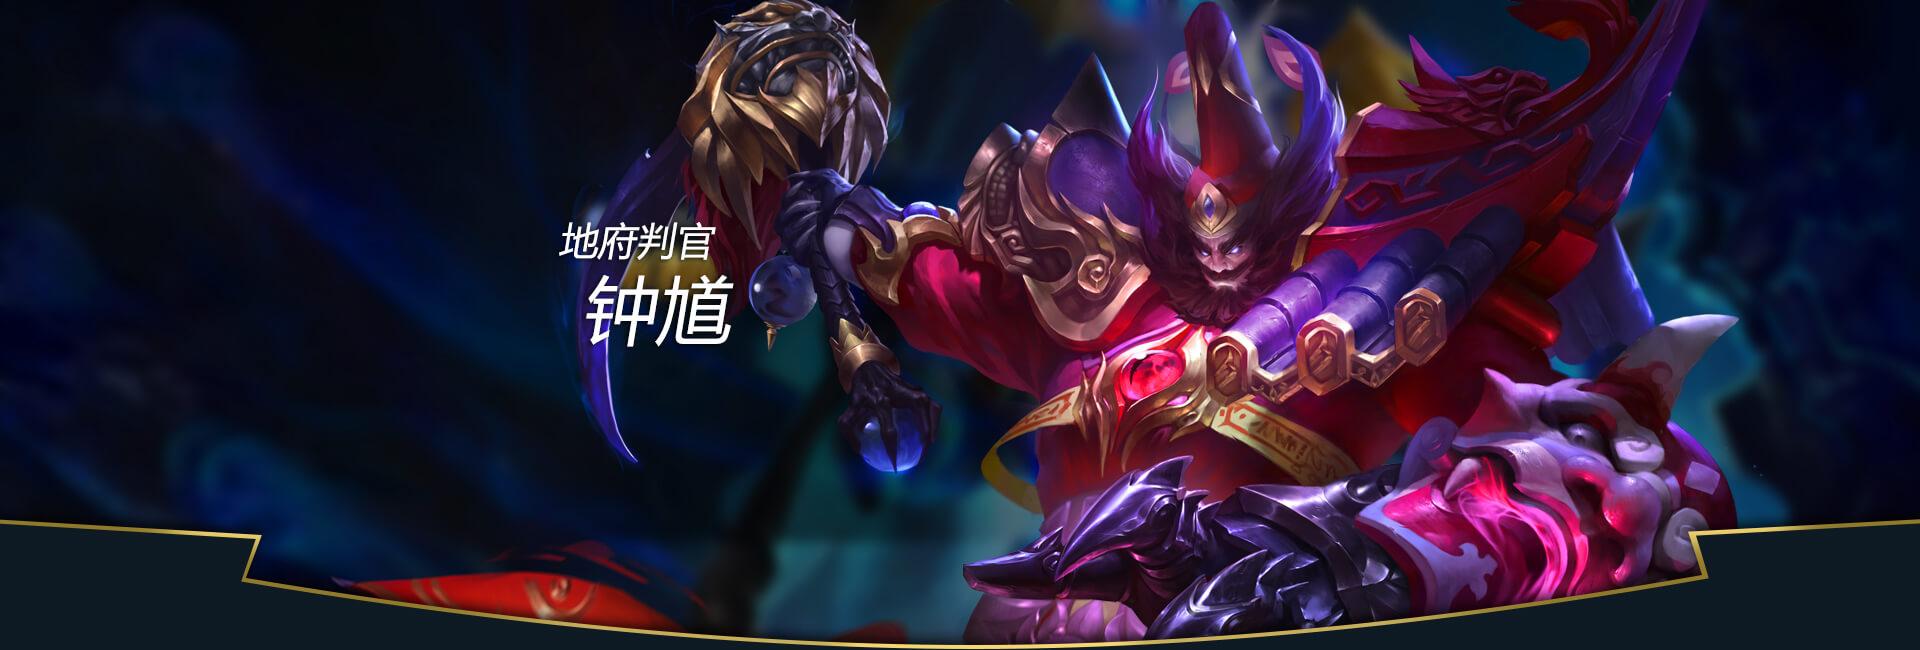 第2弹《王者荣耀英雄皮肤CG》竞技游戏149